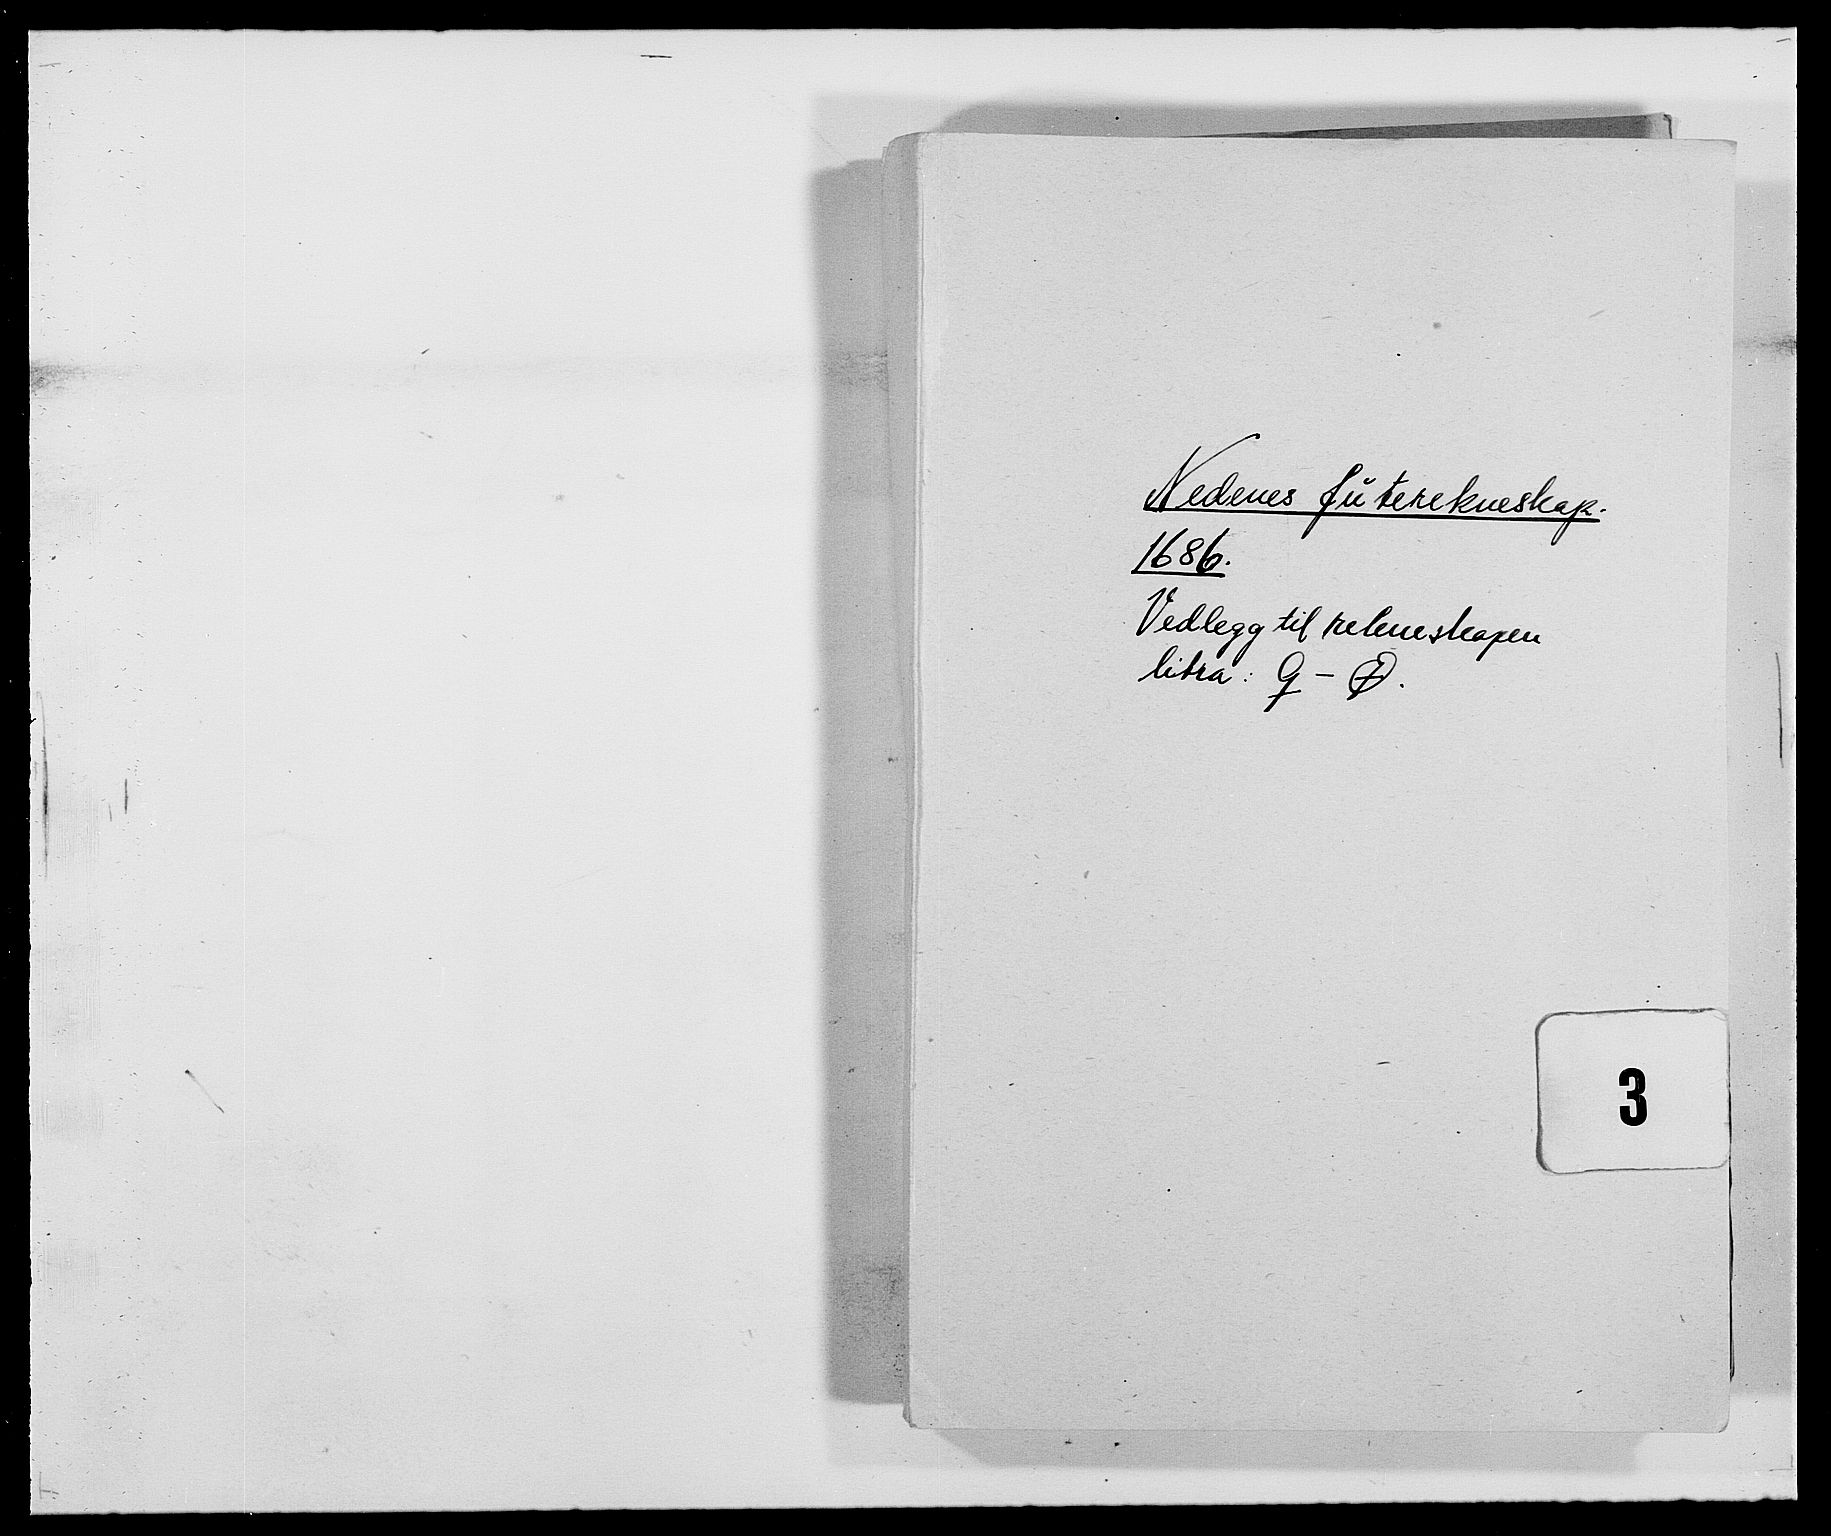 RA, Rentekammeret inntil 1814, Reviderte regnskaper, Fogderegnskap, R39/L2308: Fogderegnskap Nedenes, 1684-1689, s. 330